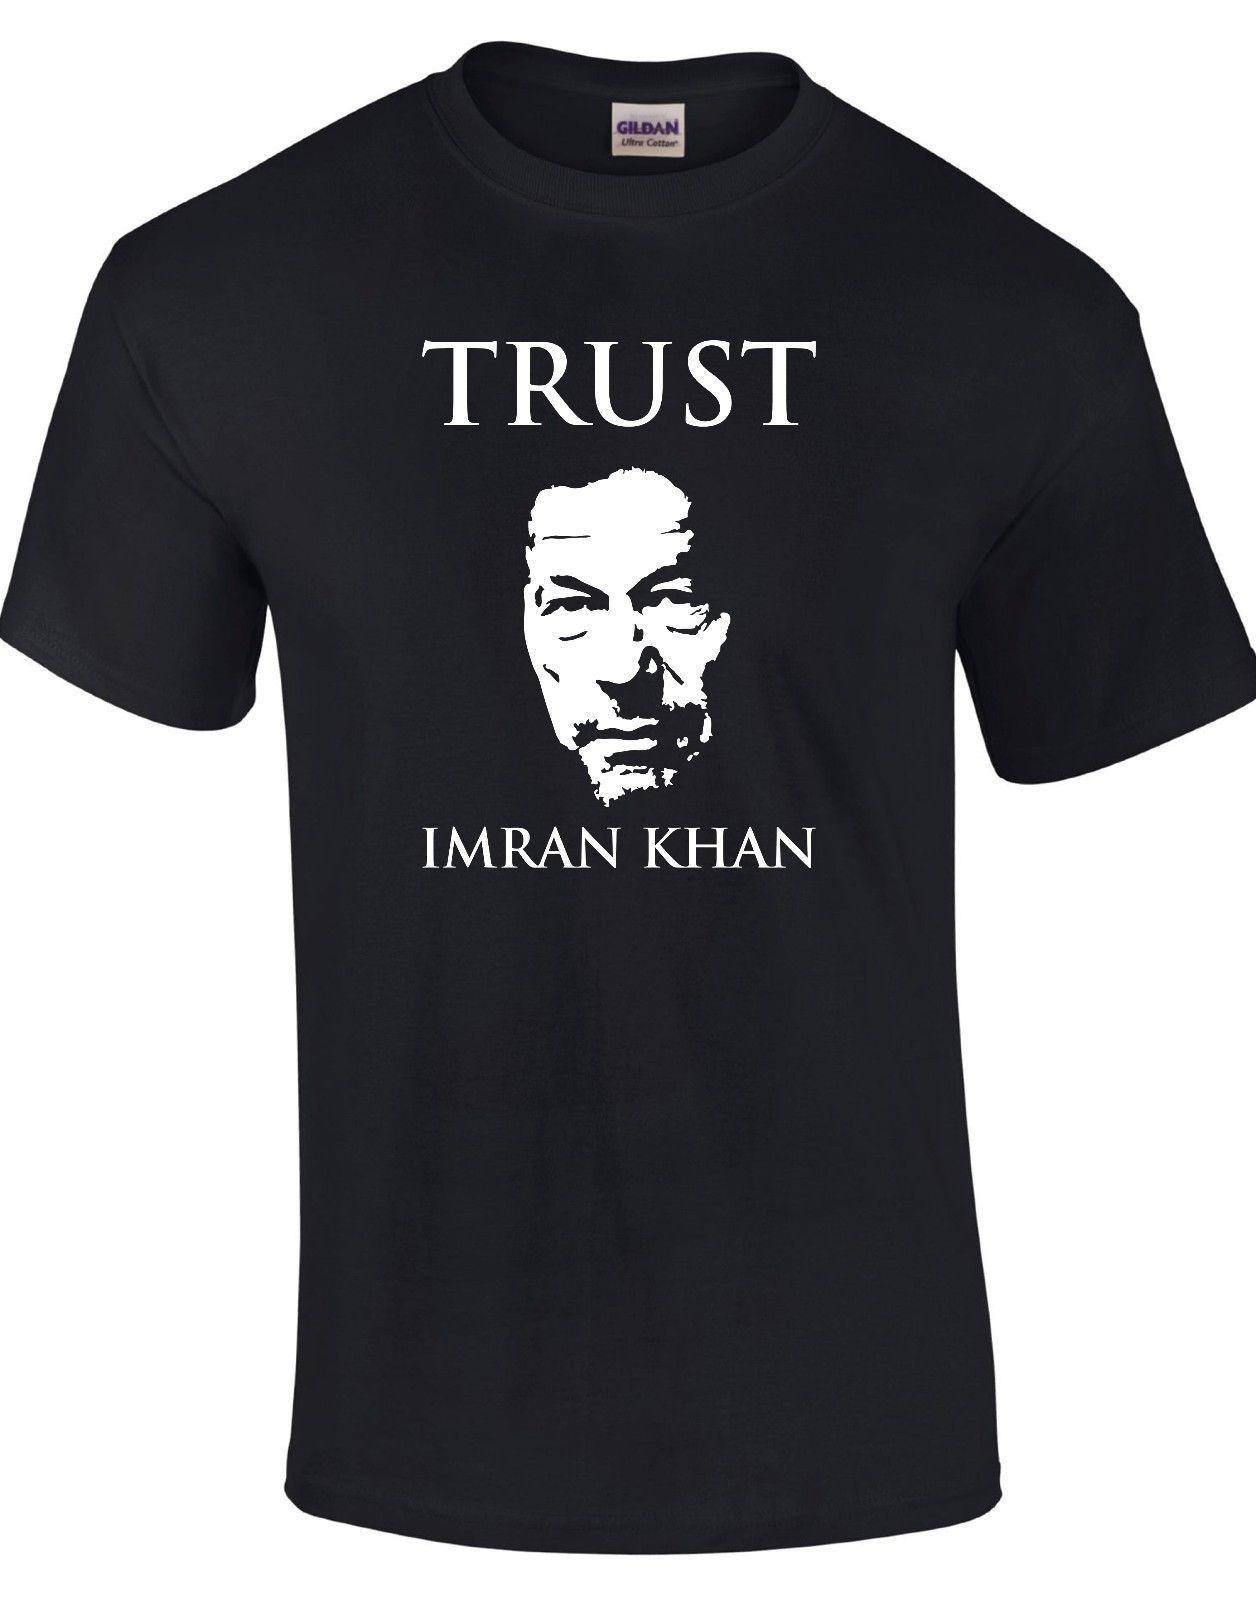 f9c3f28a2eb3 TRUST - IMRAN KHAN Black T-SHIRT - PAKISTAN ELECTION - LADIES KIDS ...